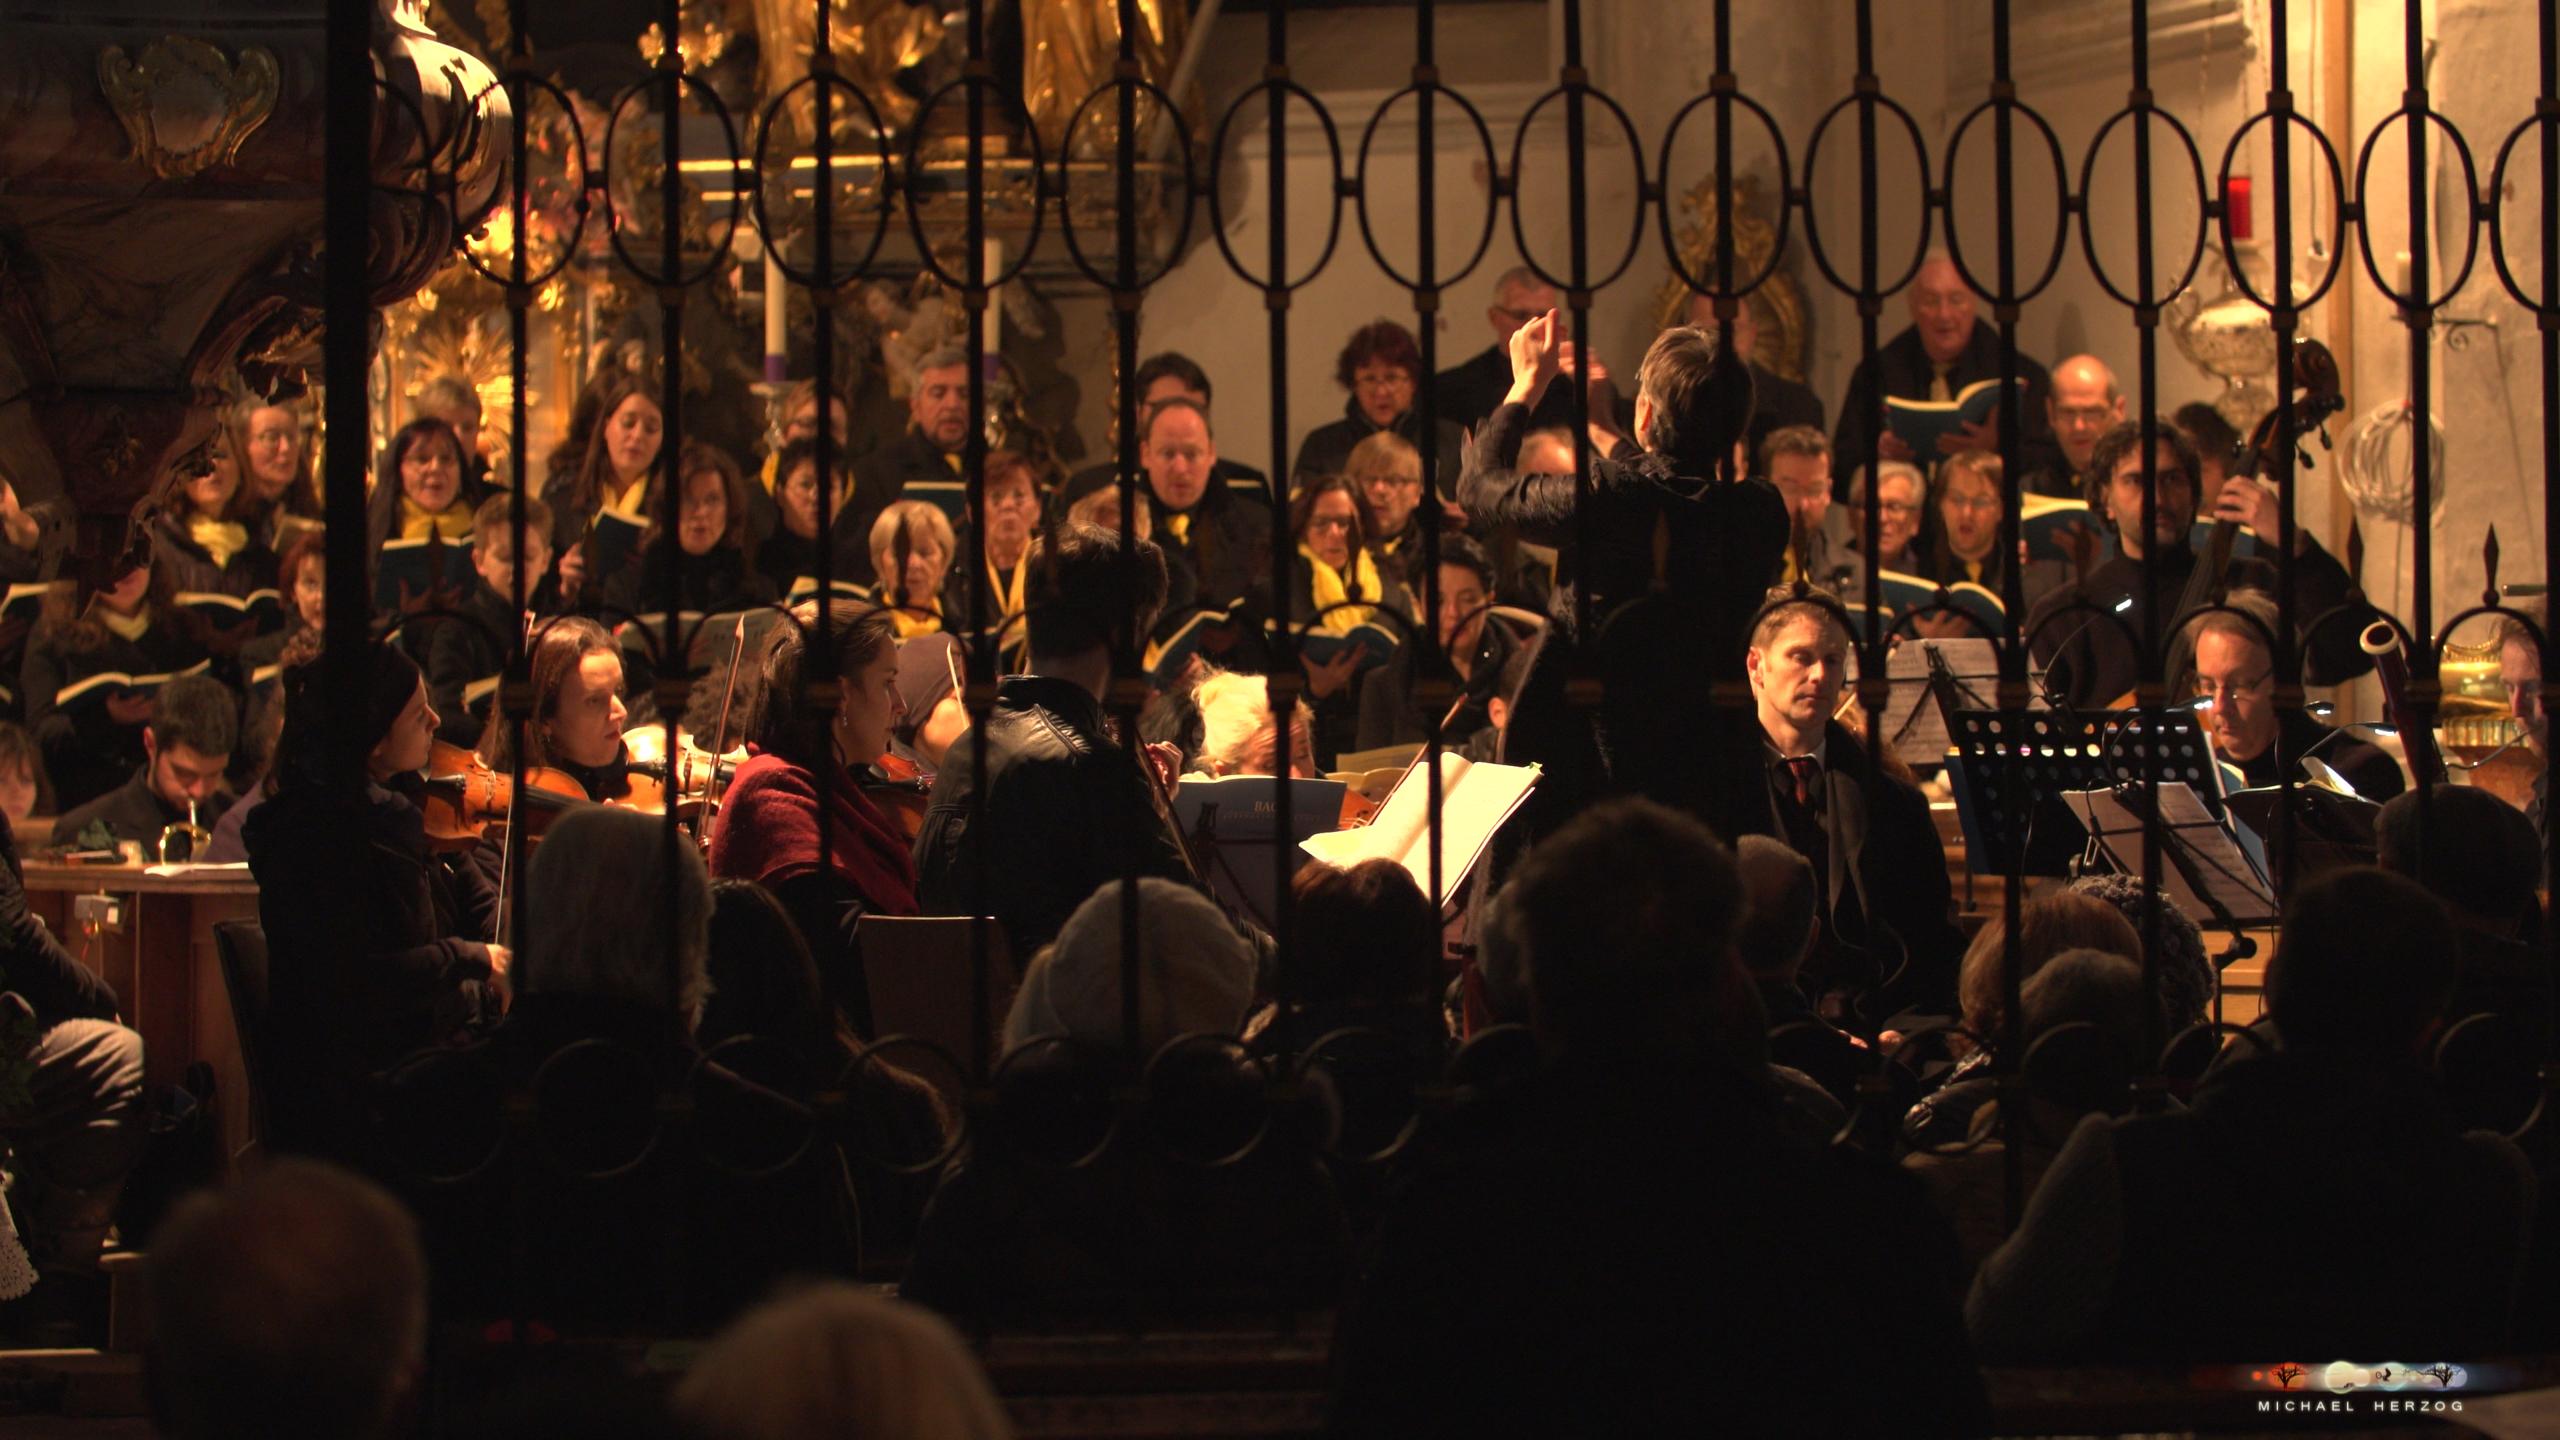 ArnsdorferSternstunden_Konzertabend1-mit-PhilharmonieSalzburg_Screenshot_MichaelHerzog-15-5.jpg